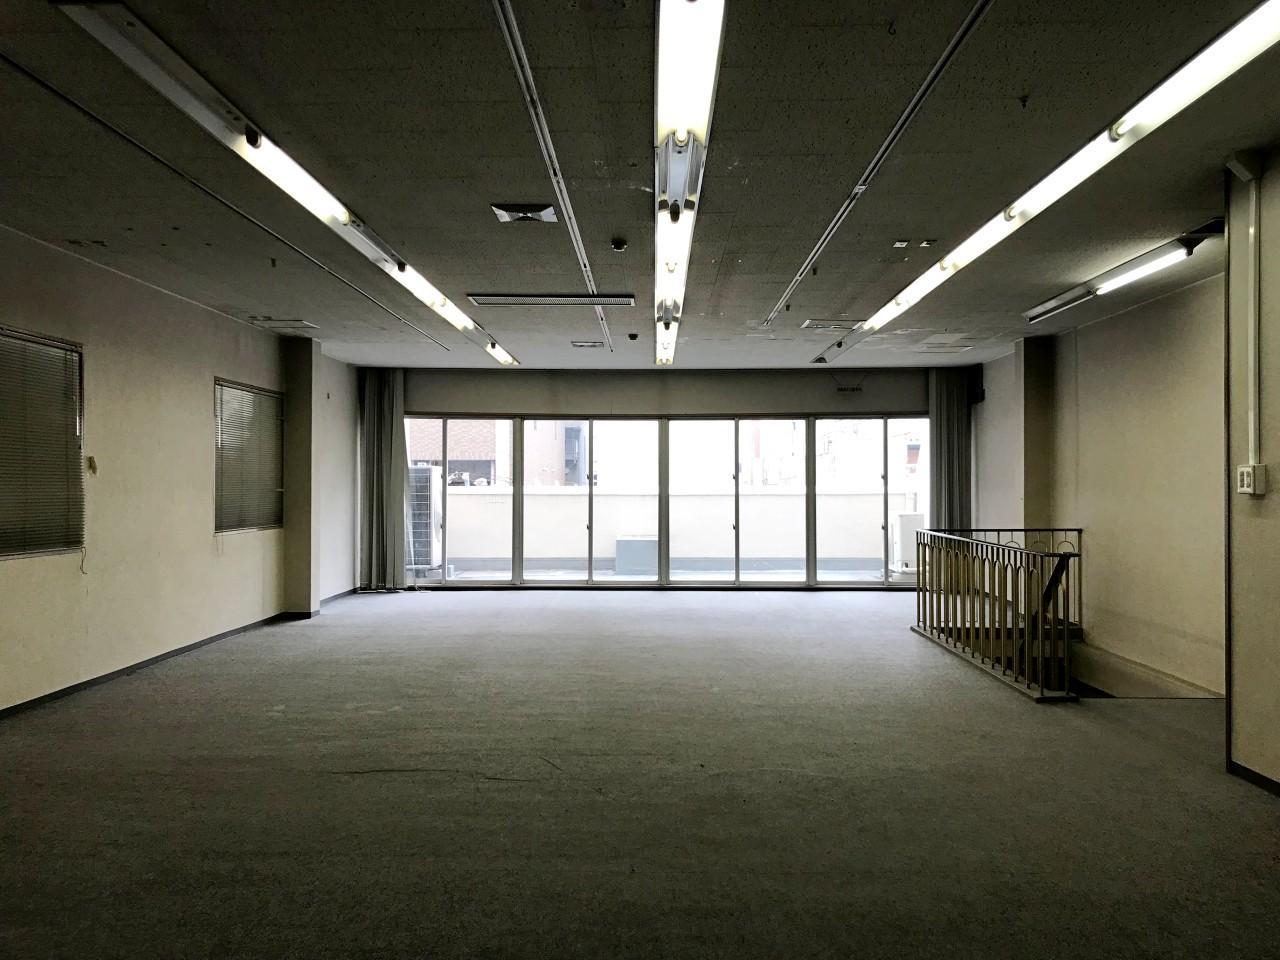 4階はバルコニー付き。社長室でしょうか?